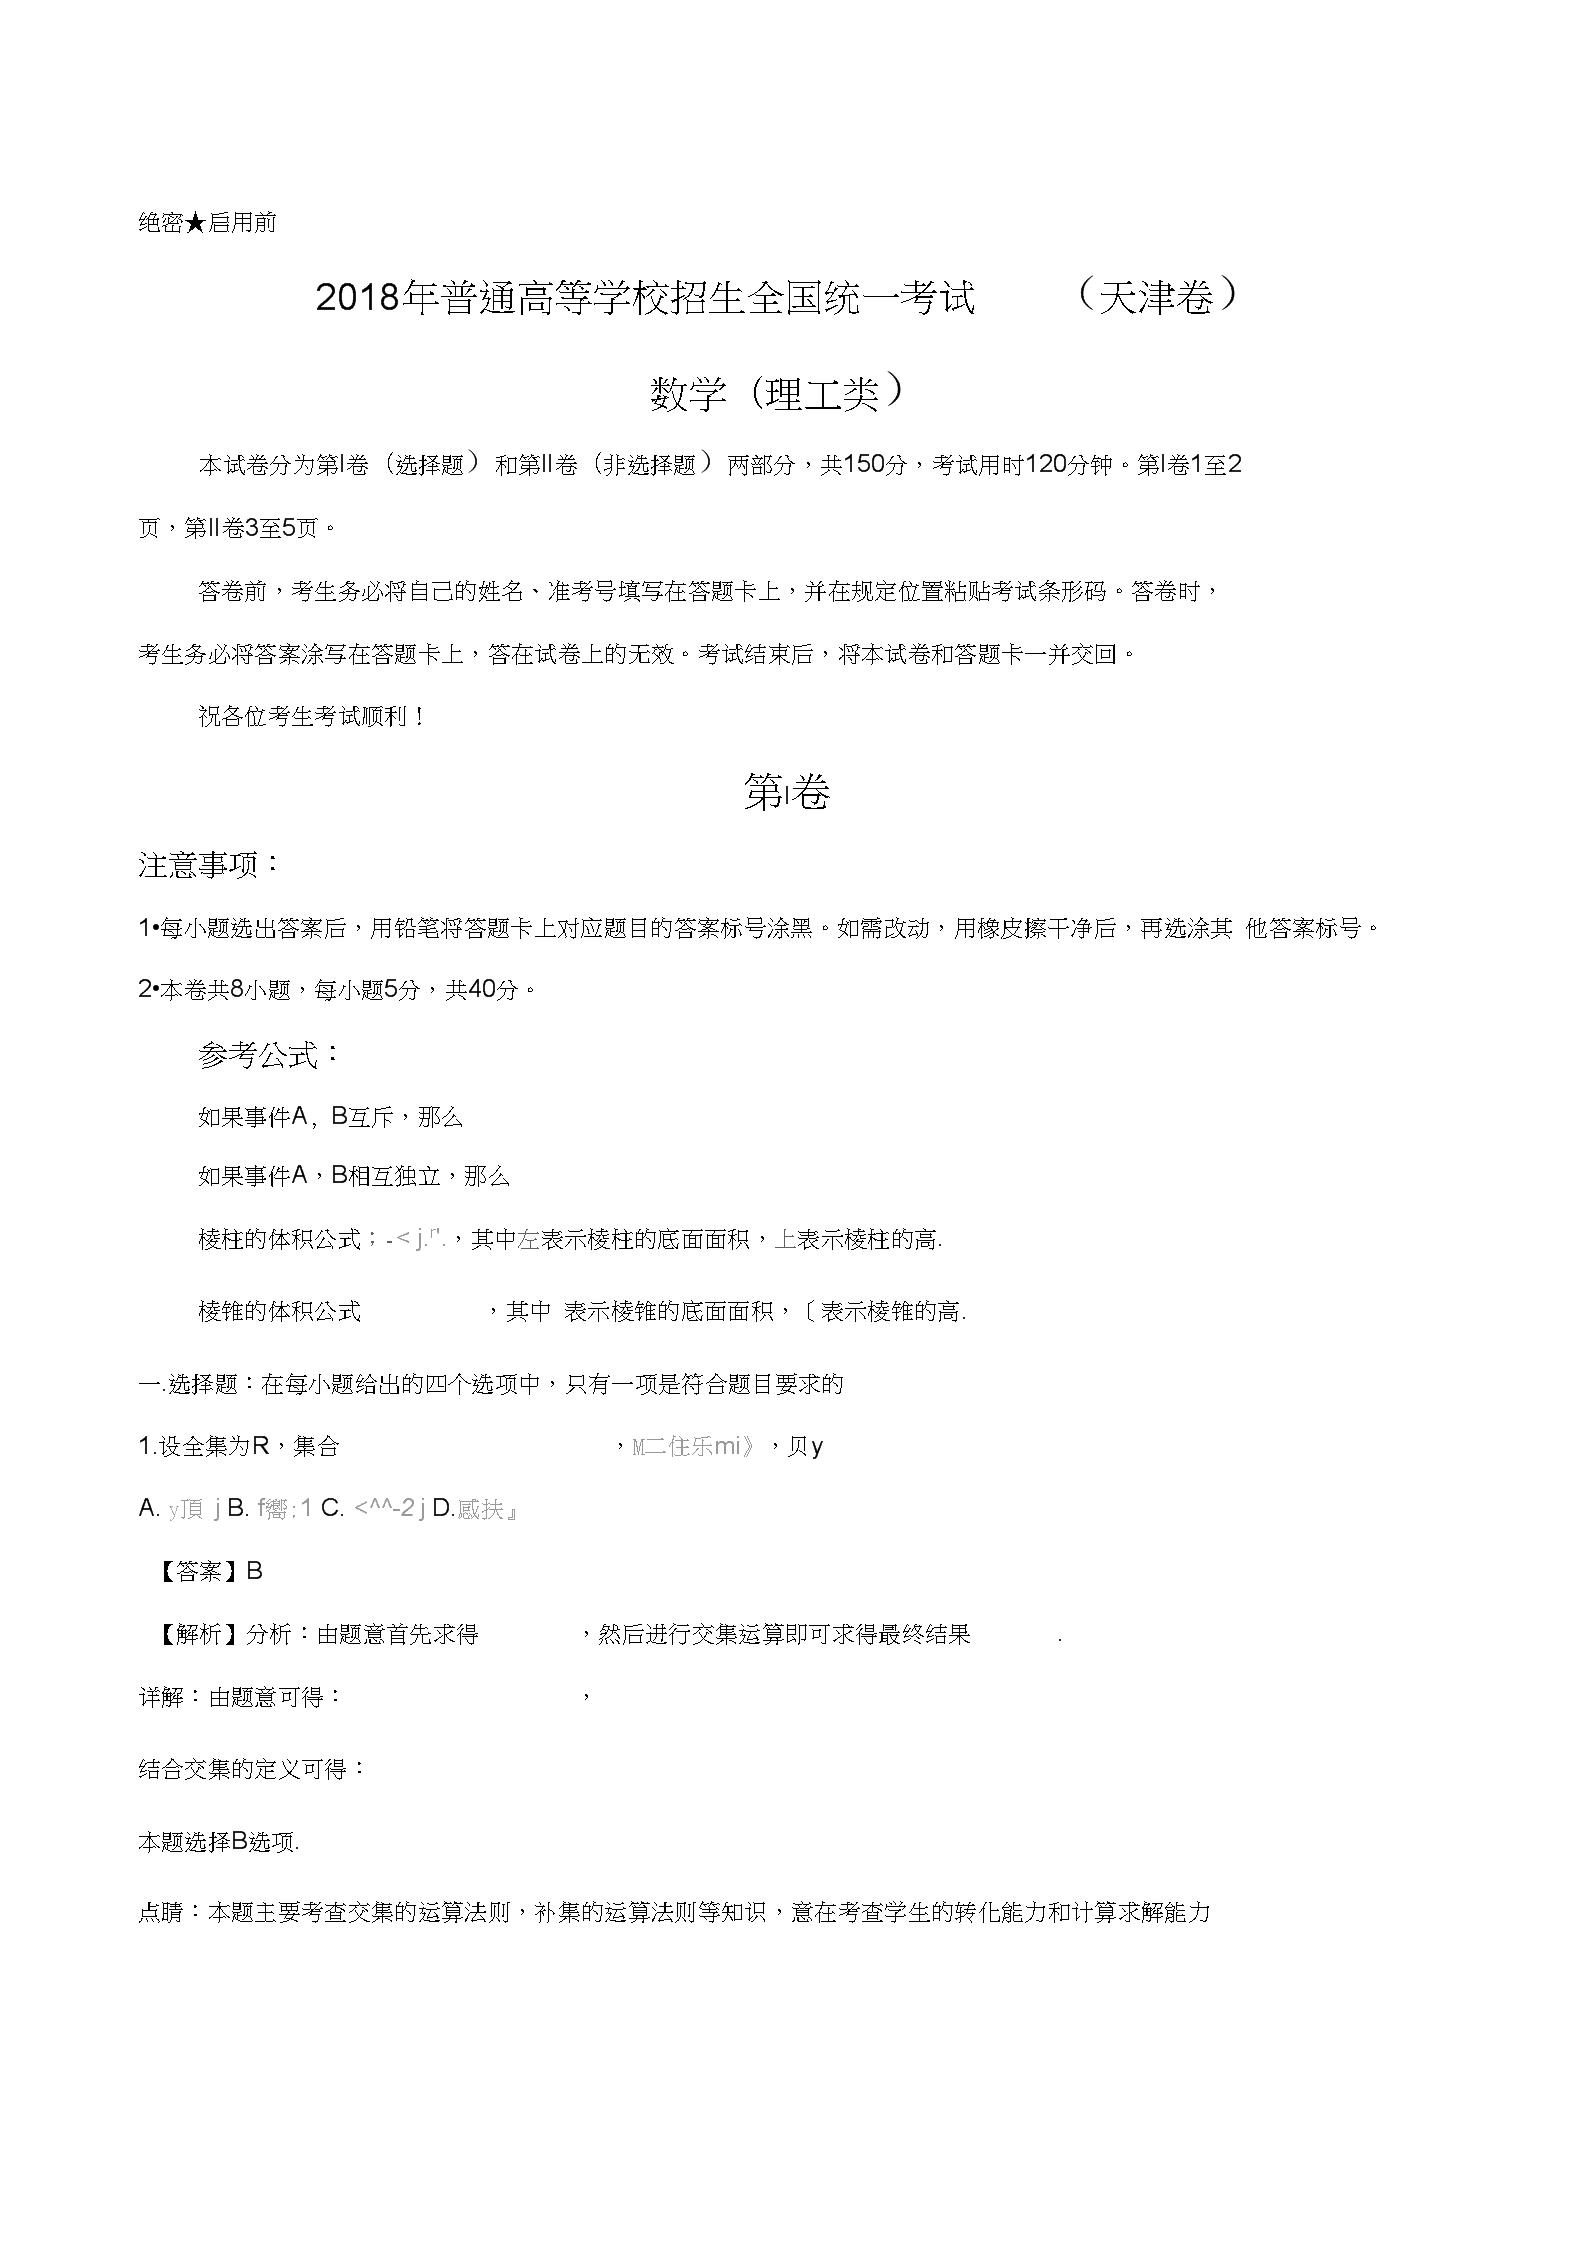 【真题】2018年天津市高考数学(理科)试题含答案解析.docx